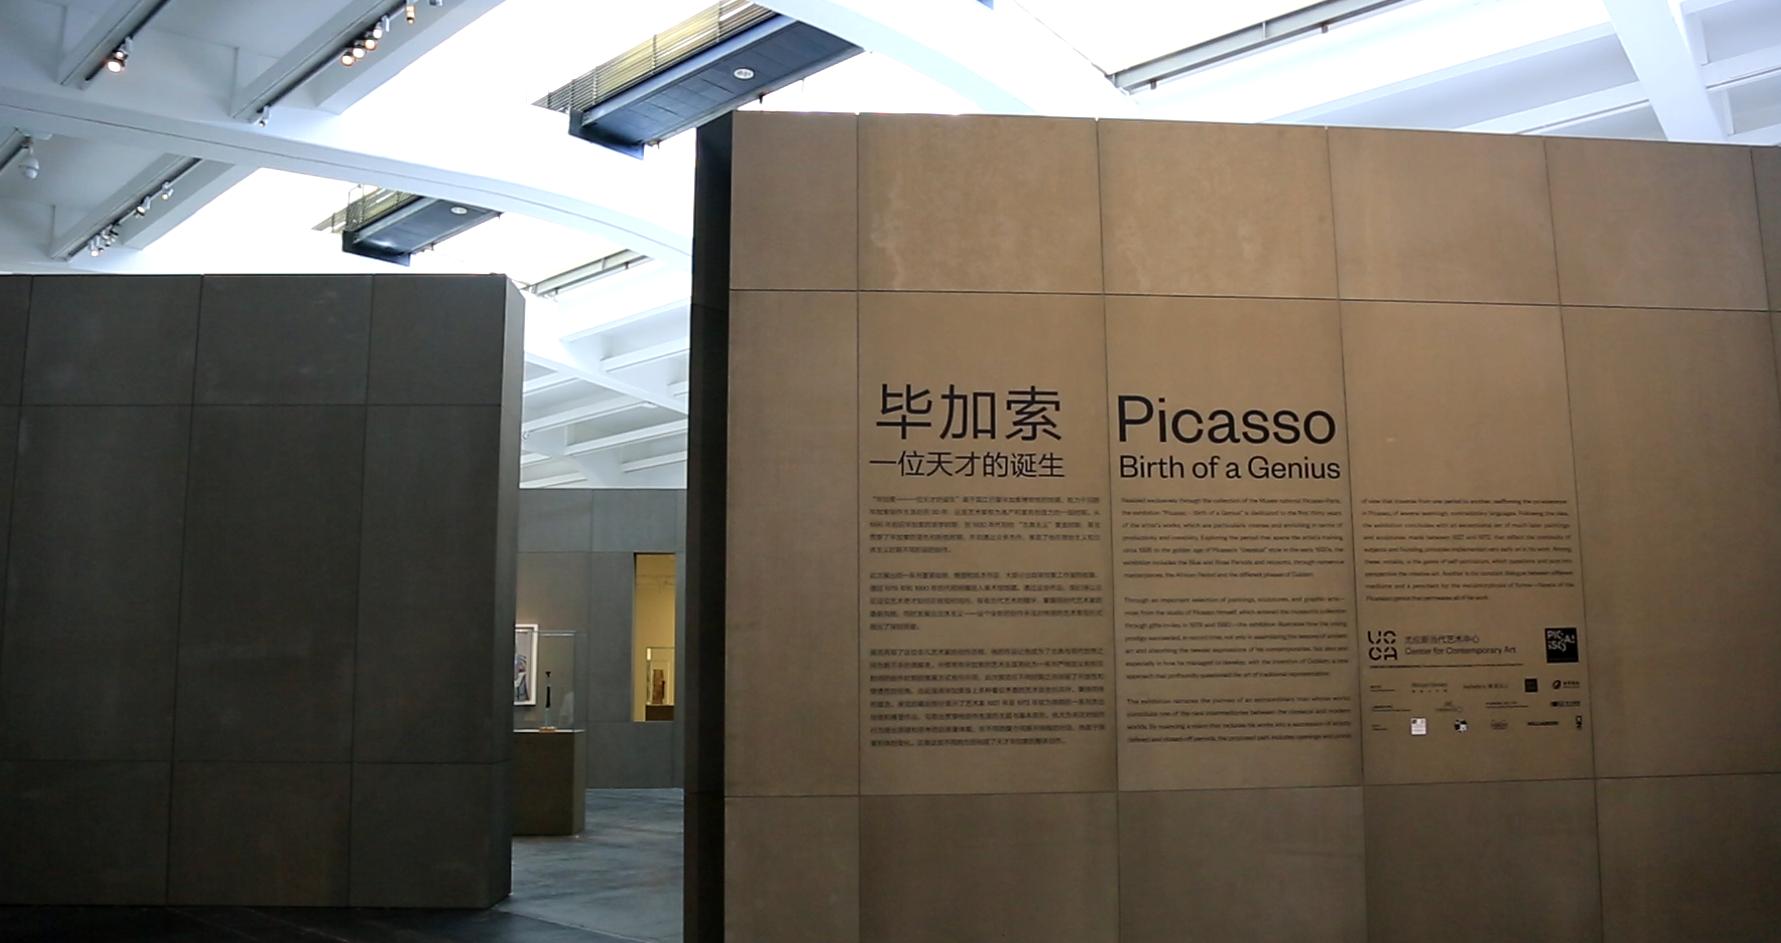 有盐看展团带你看展|毕加索——一位天才的诞生